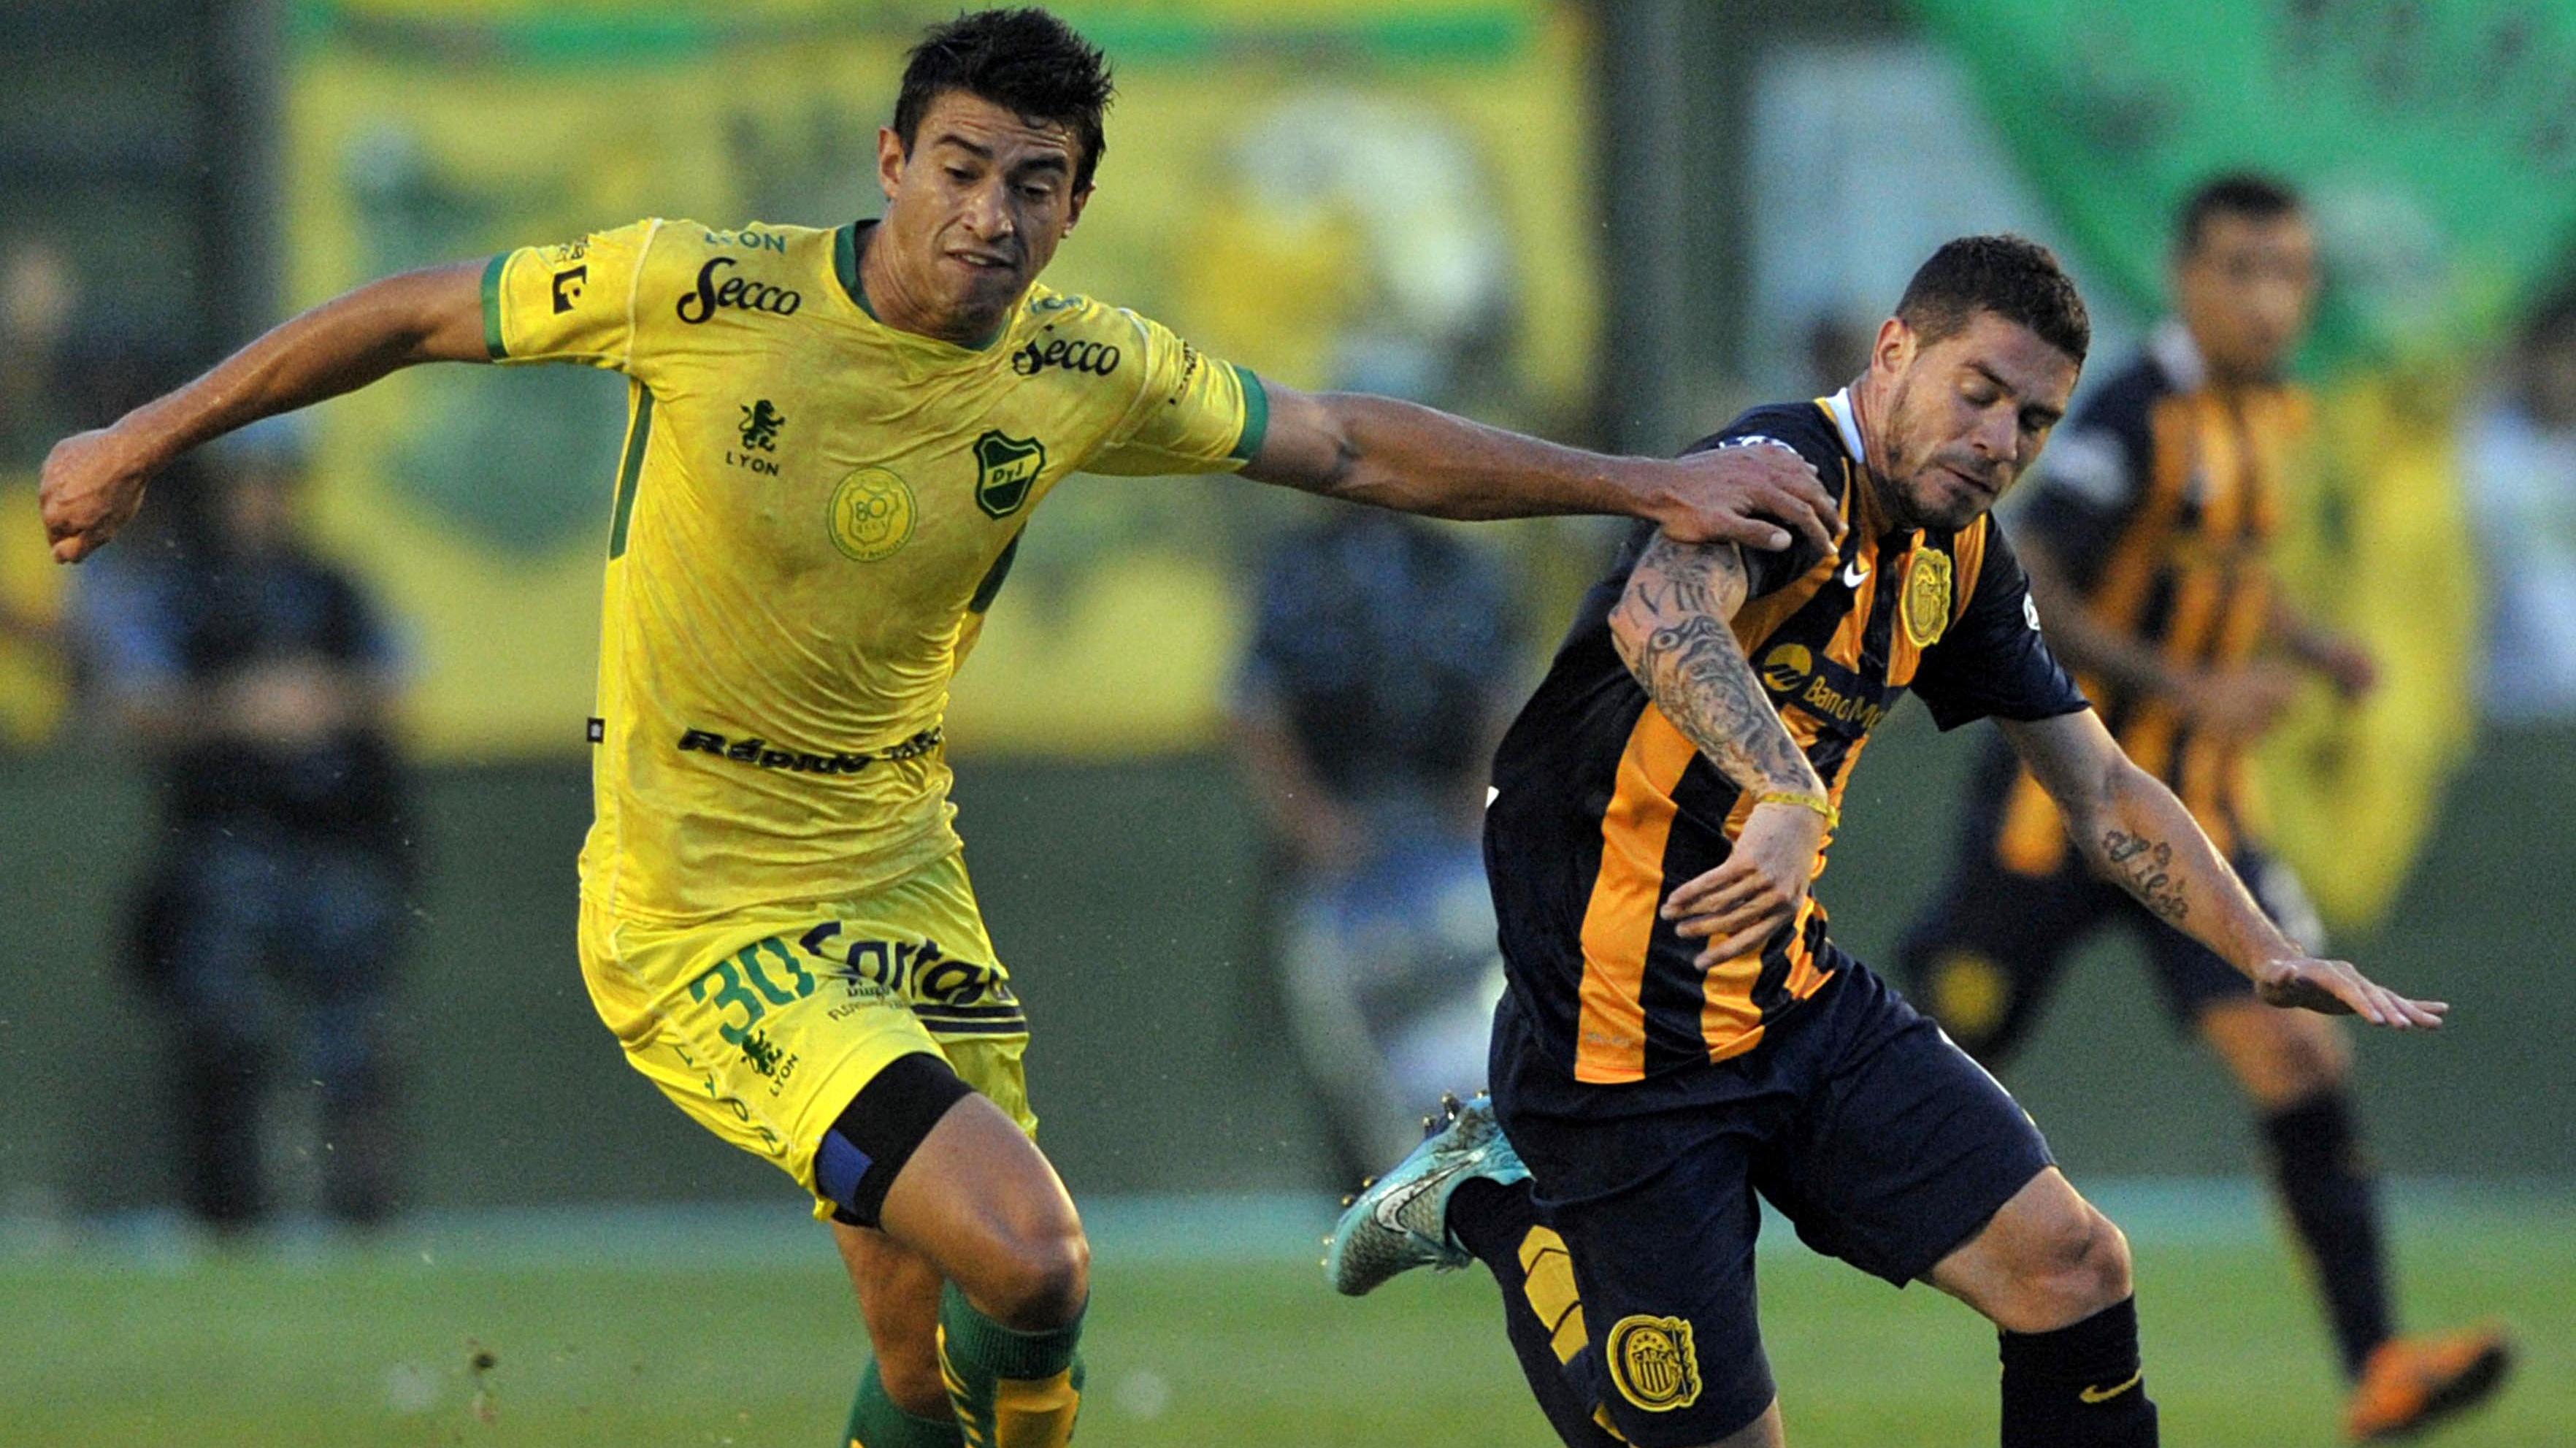 Fernández se podría perder el próximo encuentro.